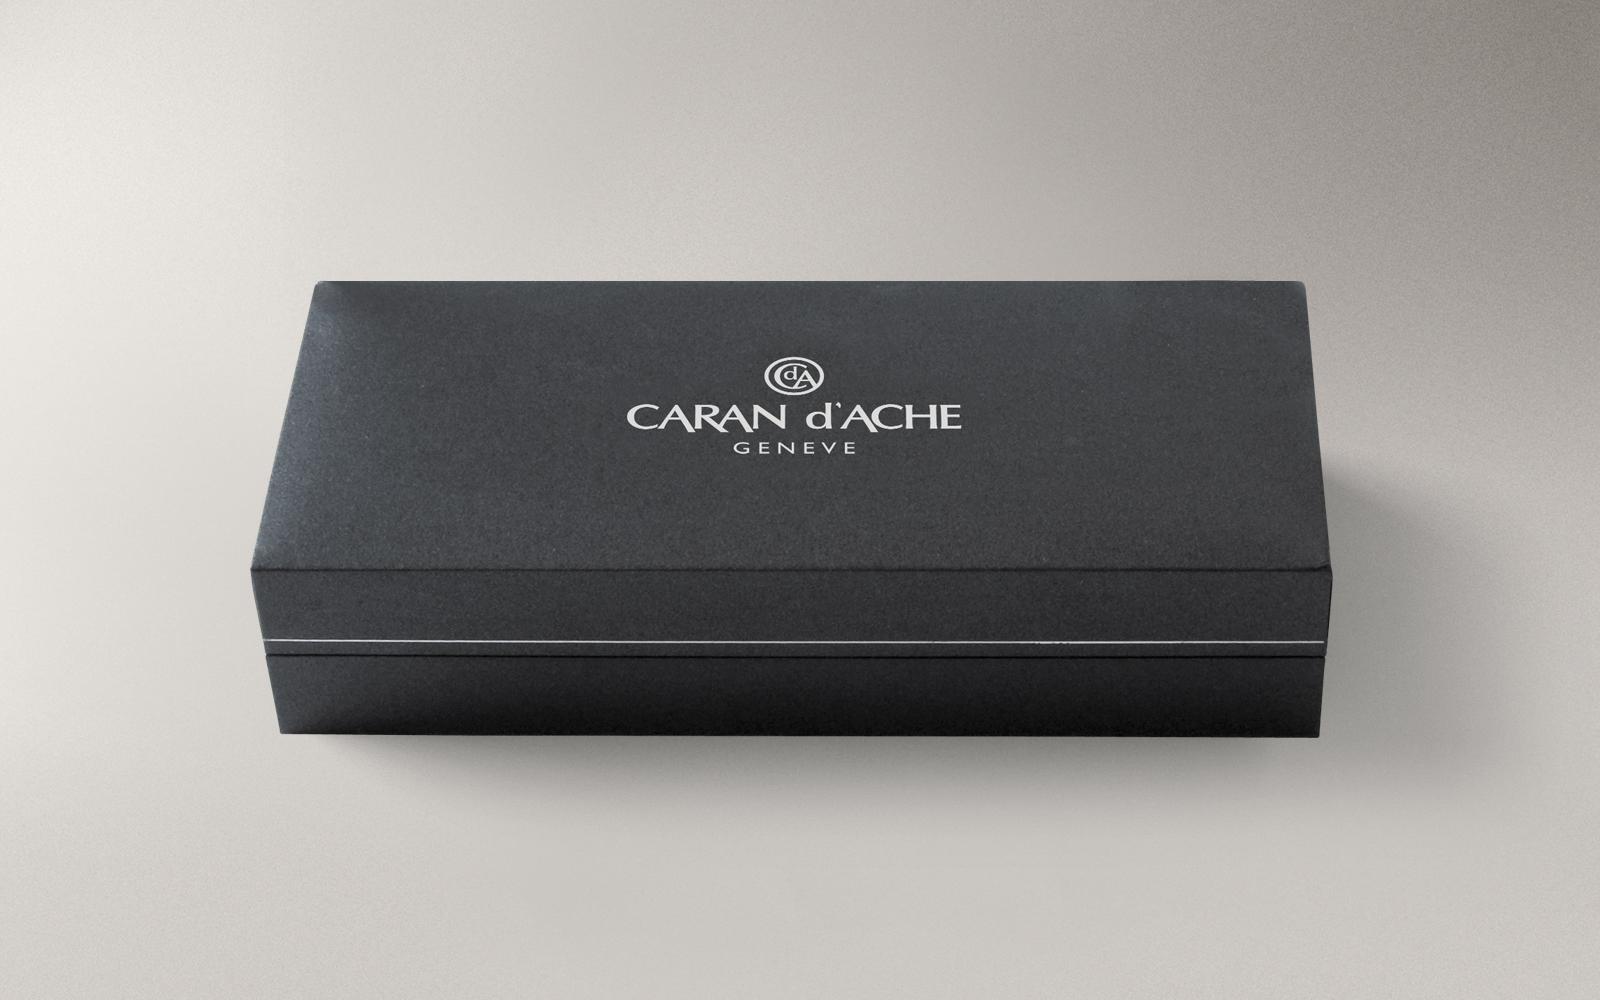 Carandache Ecridor - Golf PC, ручка-роллер, F